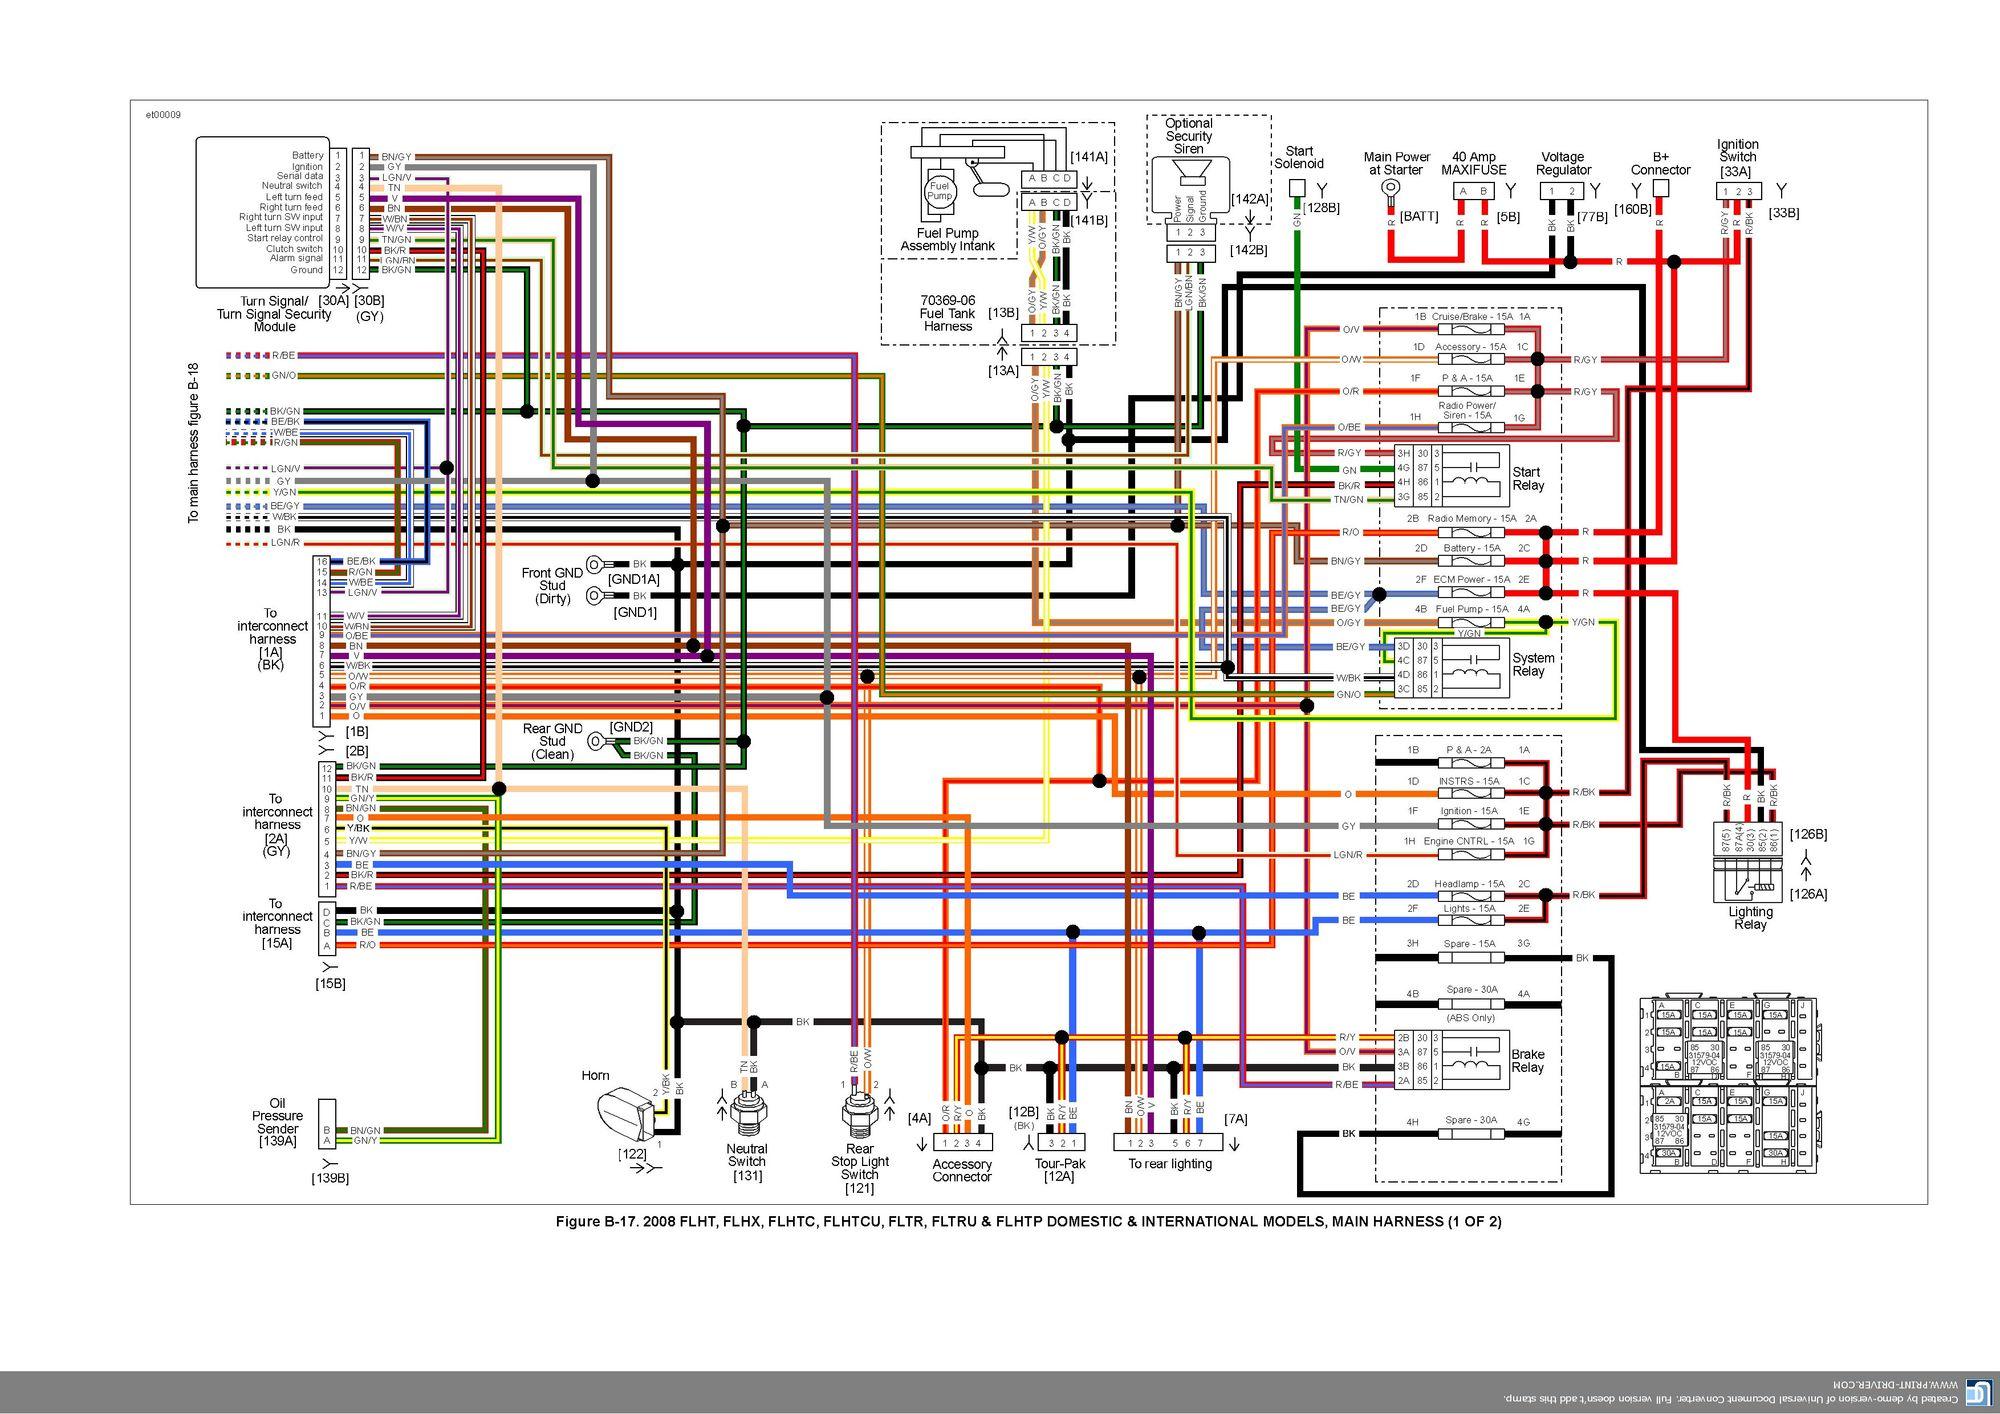 workhorse abs wiring schematic 08 flhx wiring diagram abs blog wiring diagram  08 flhx wiring diagram abs blog